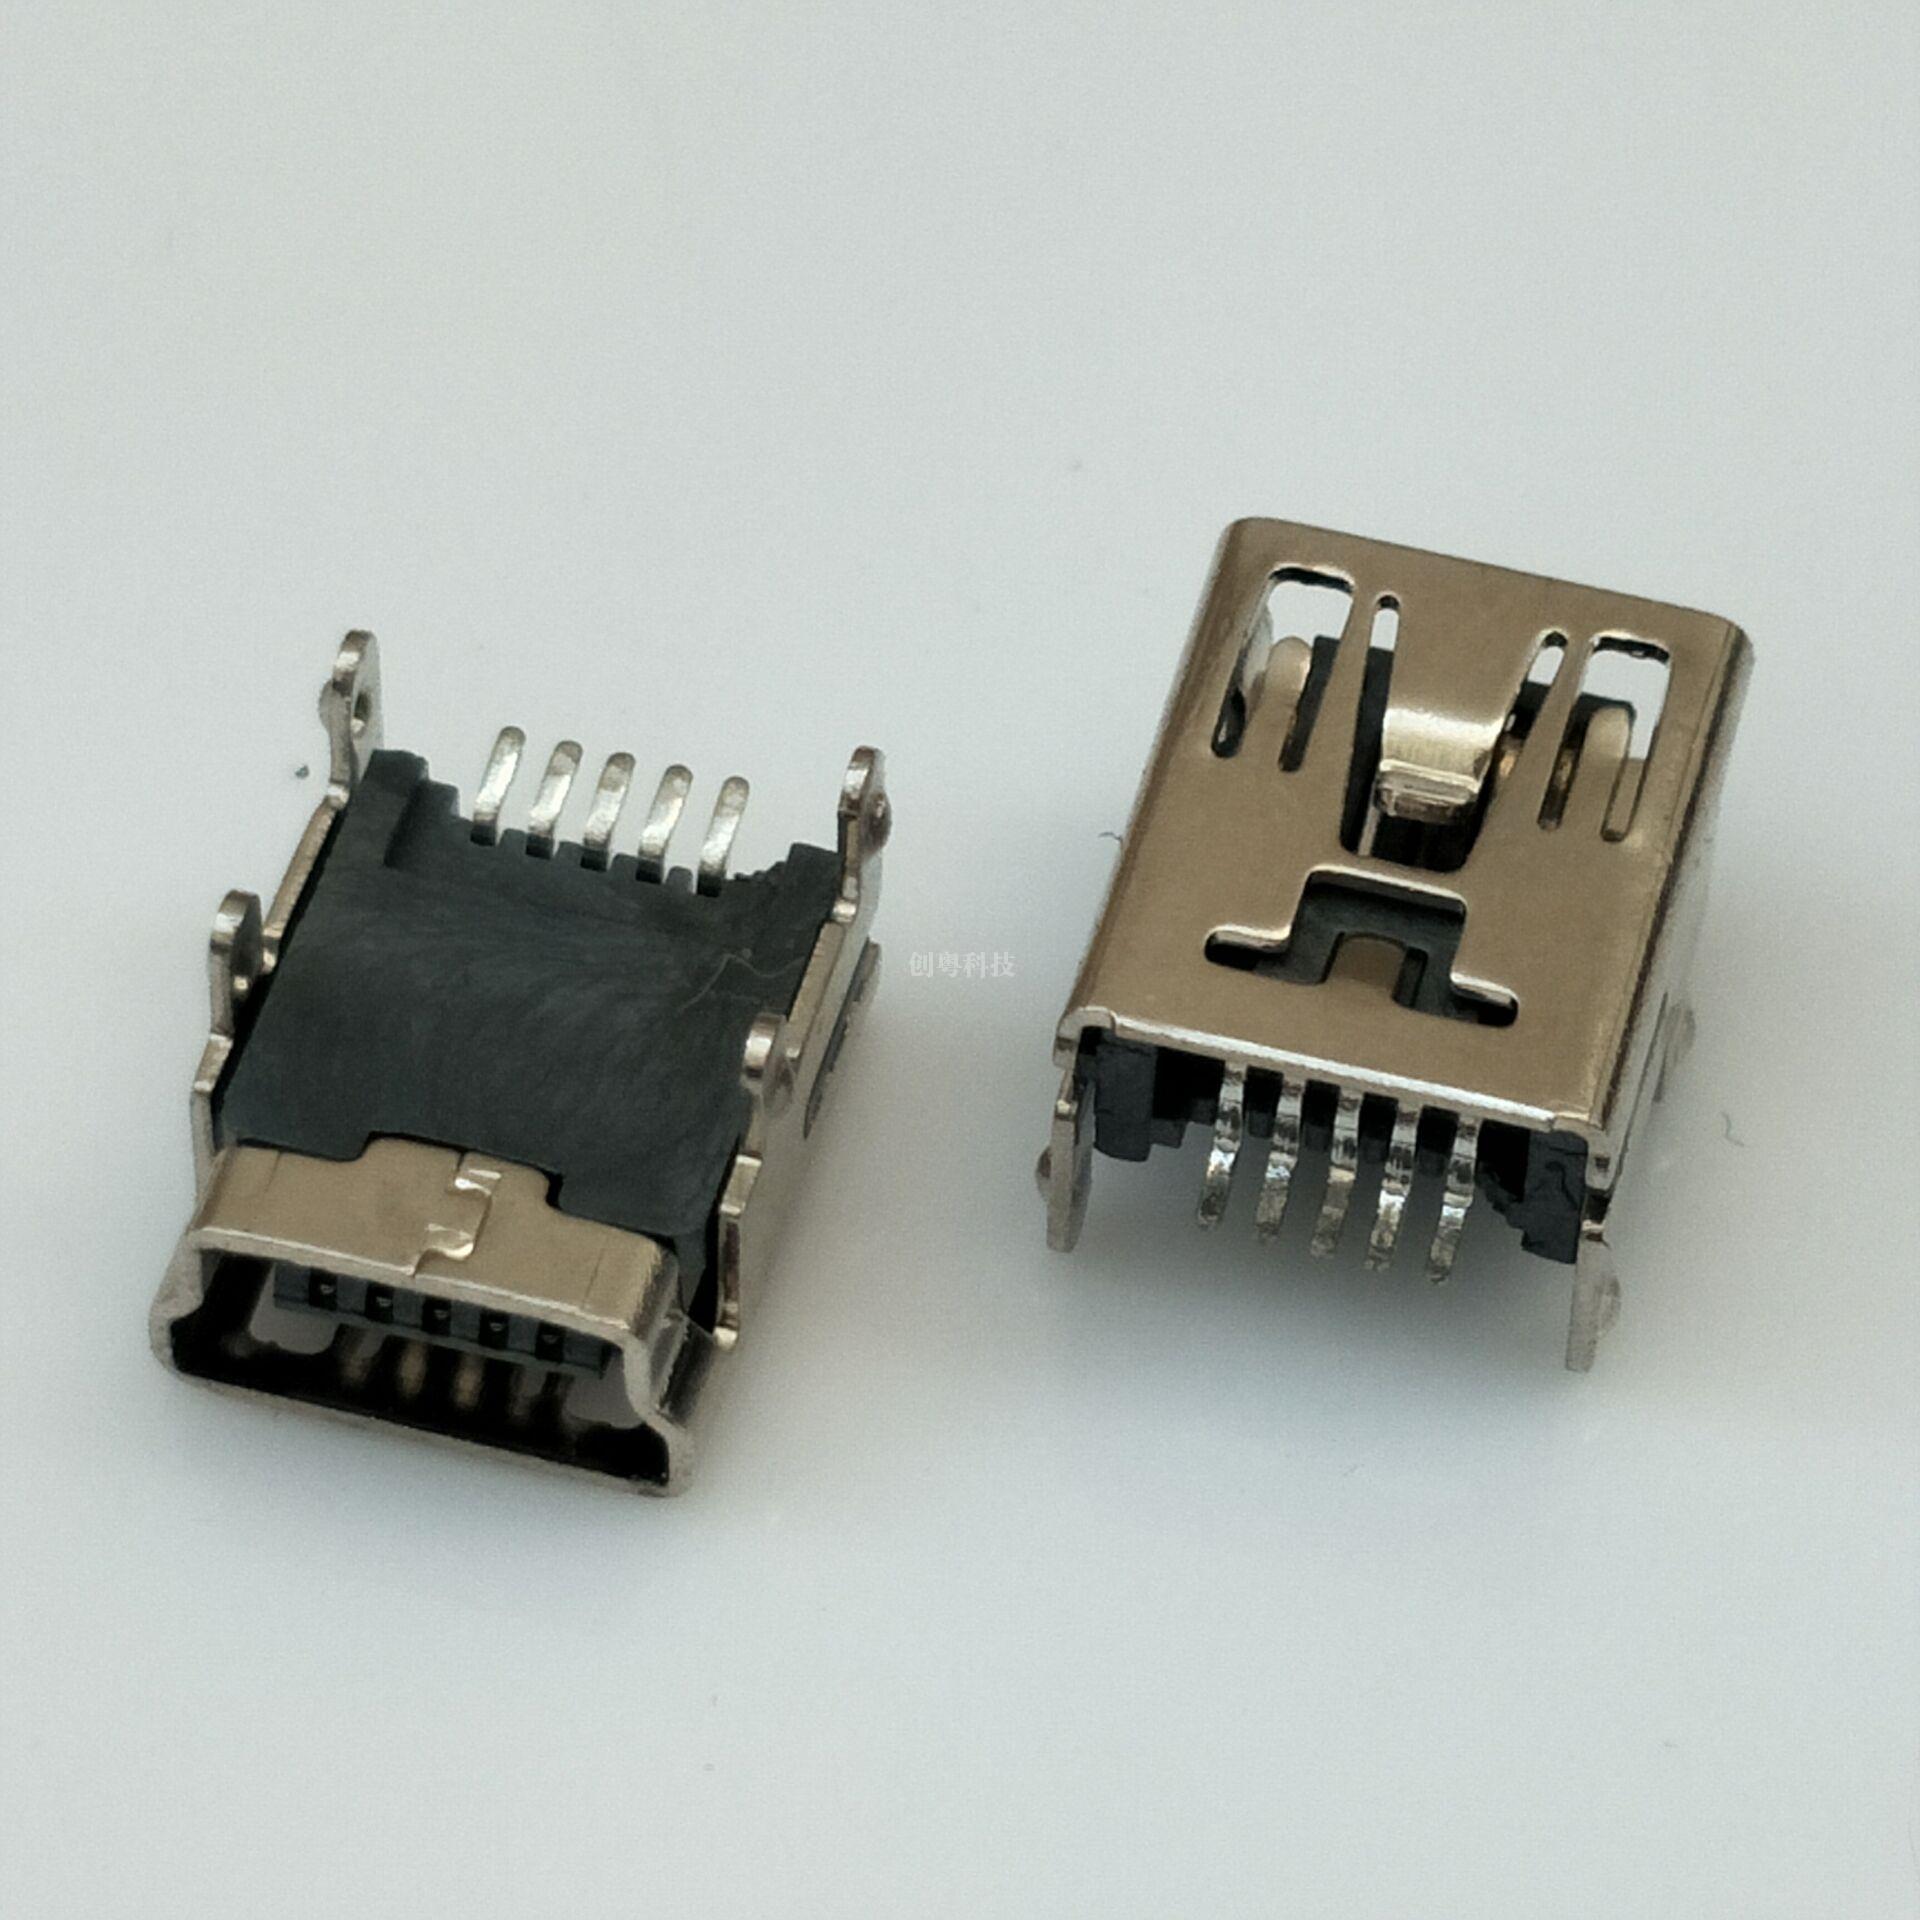 MINI USB 插座